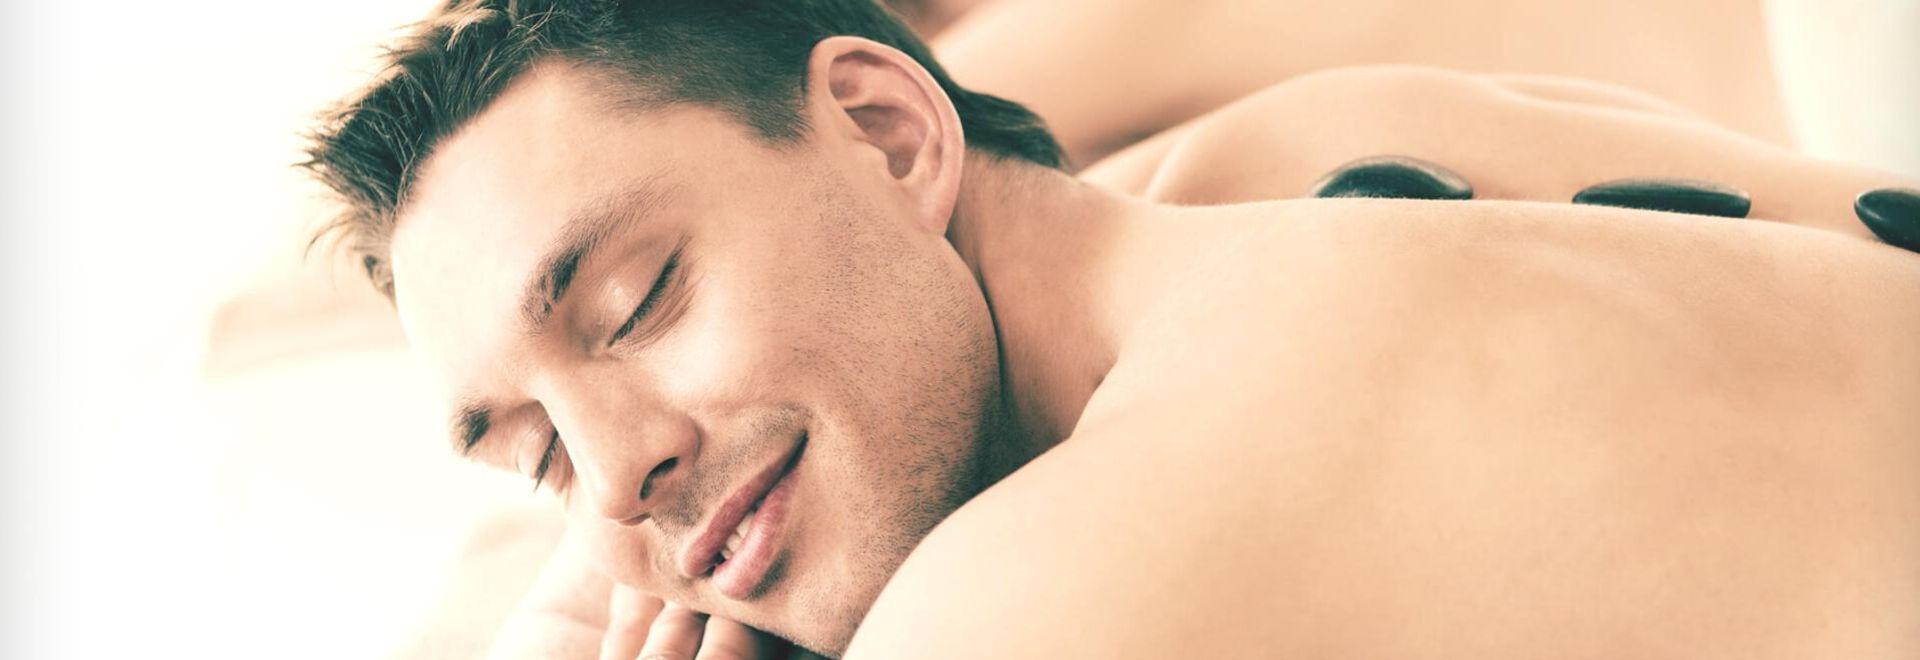 Erlernen der Wellnessmassage